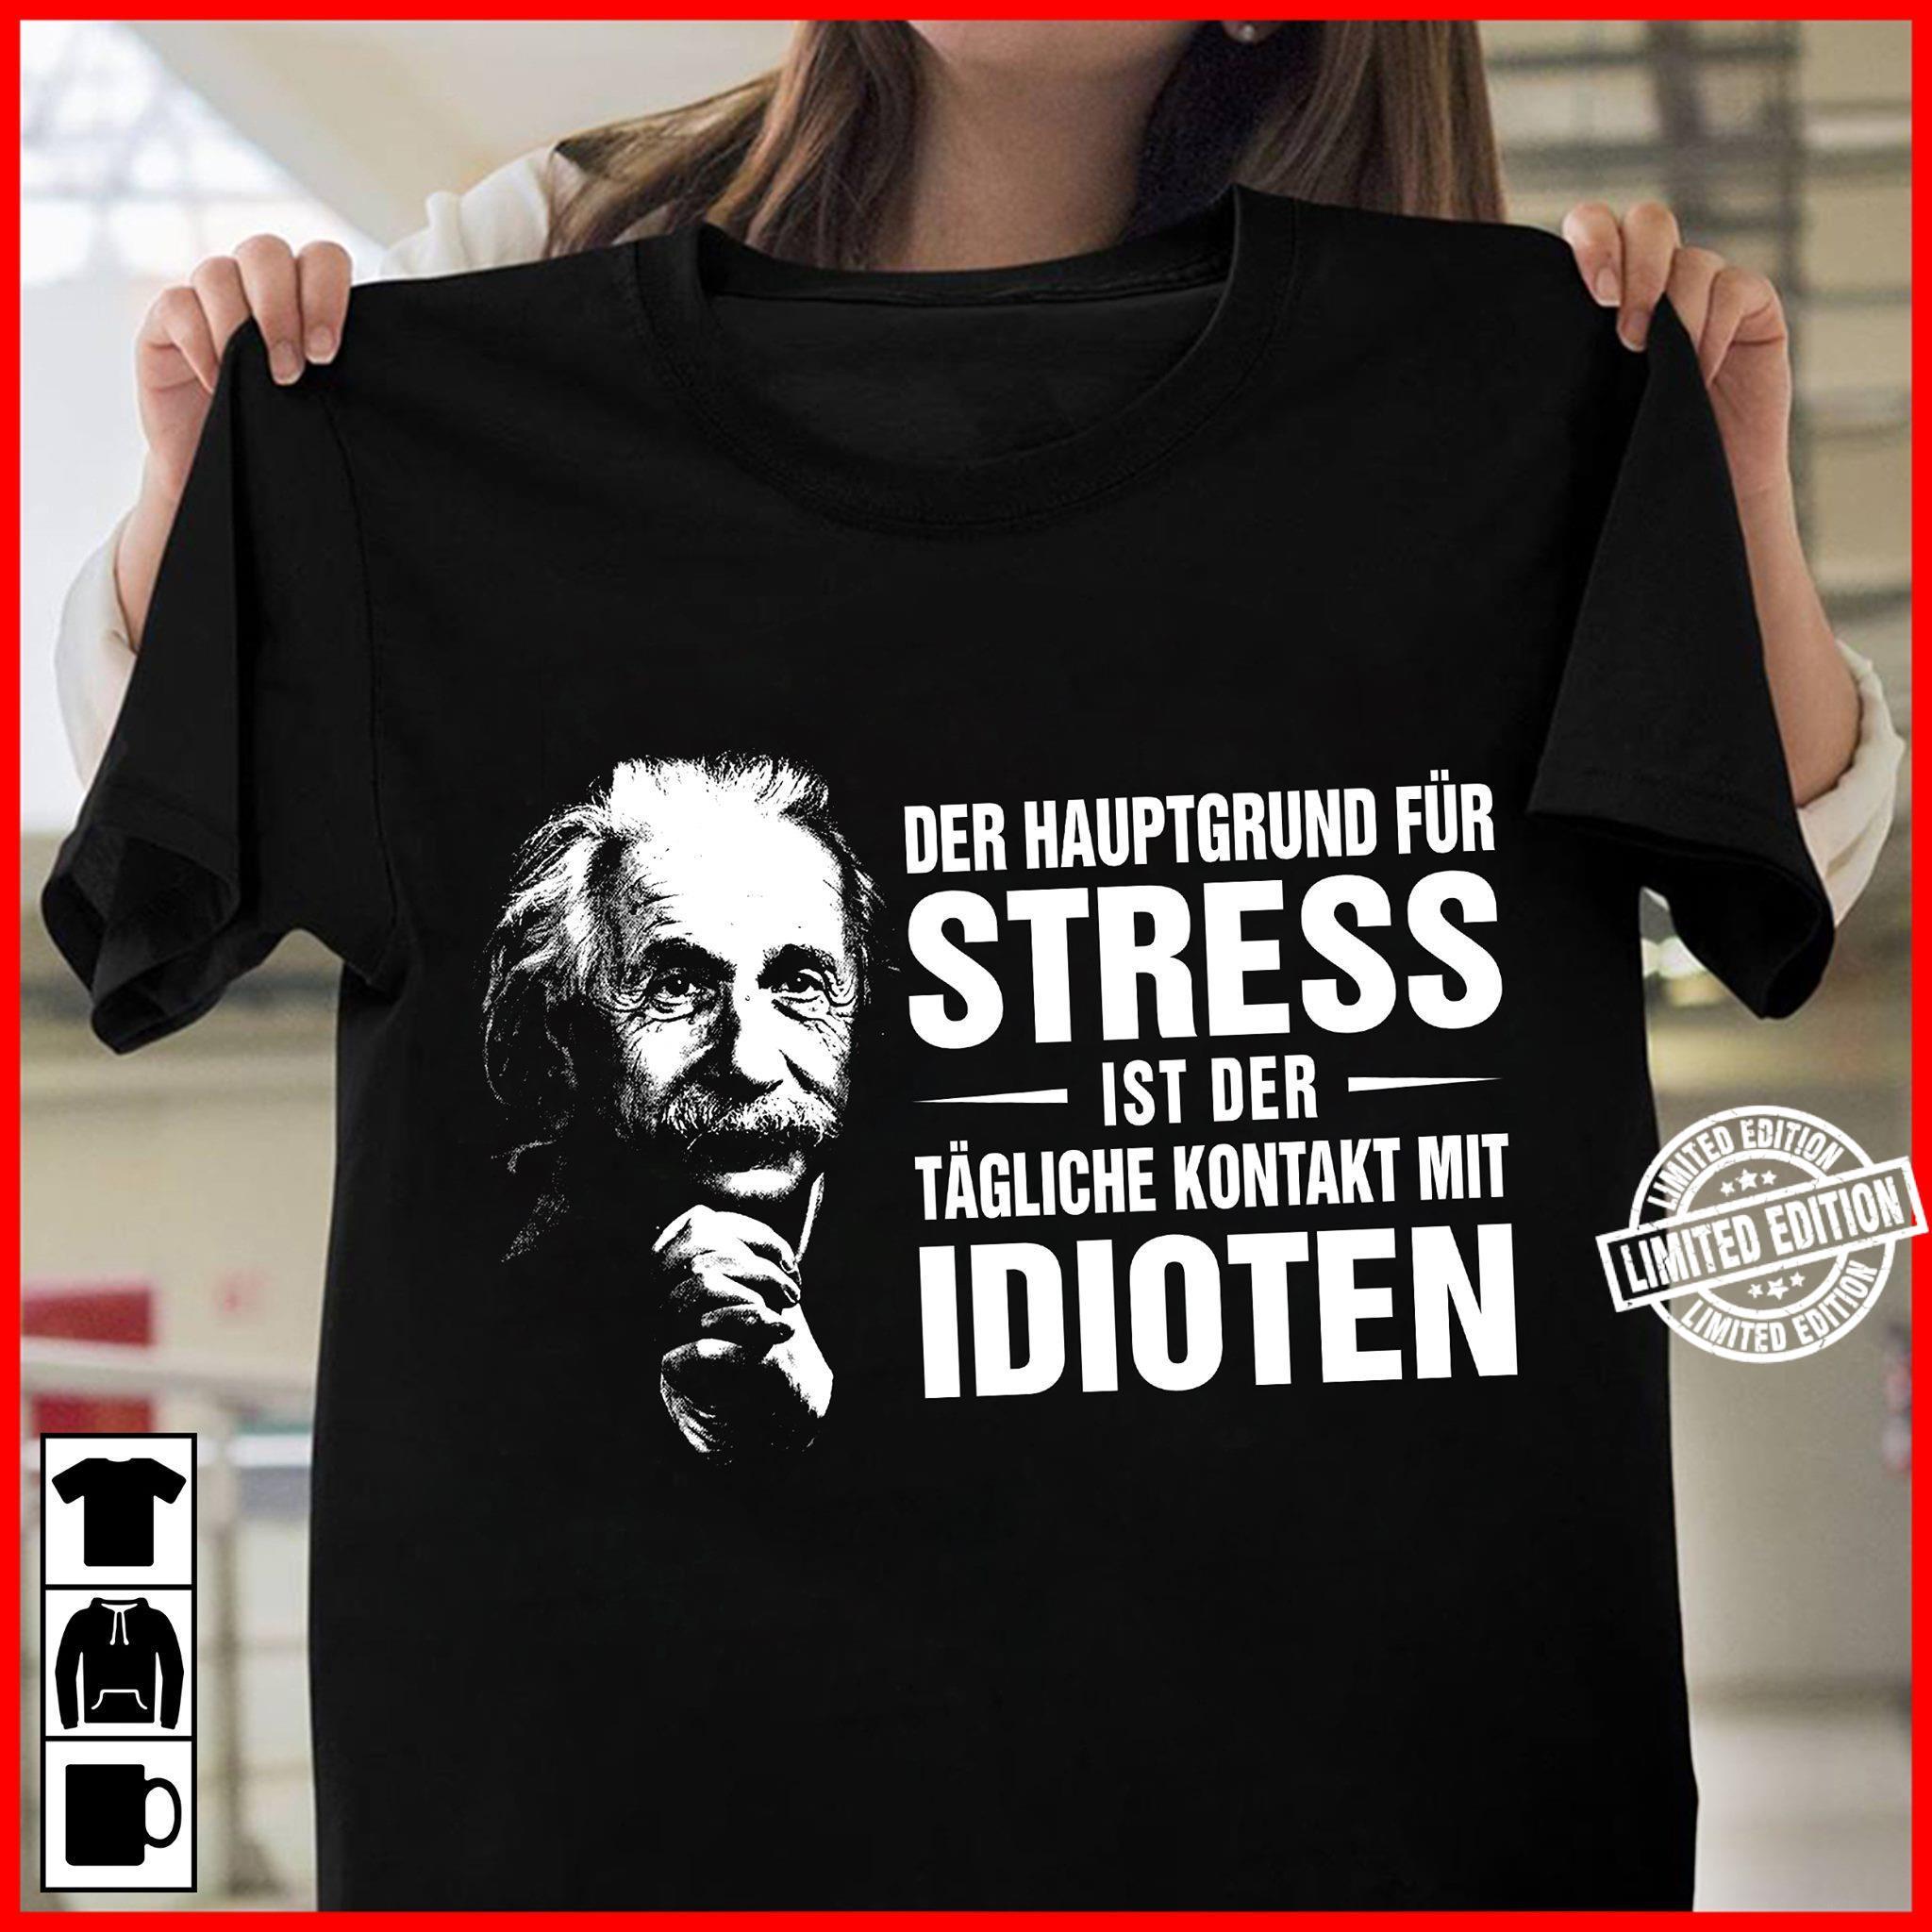 Der hauptgrund fur stress ist der tagliche kontakt mit shirt